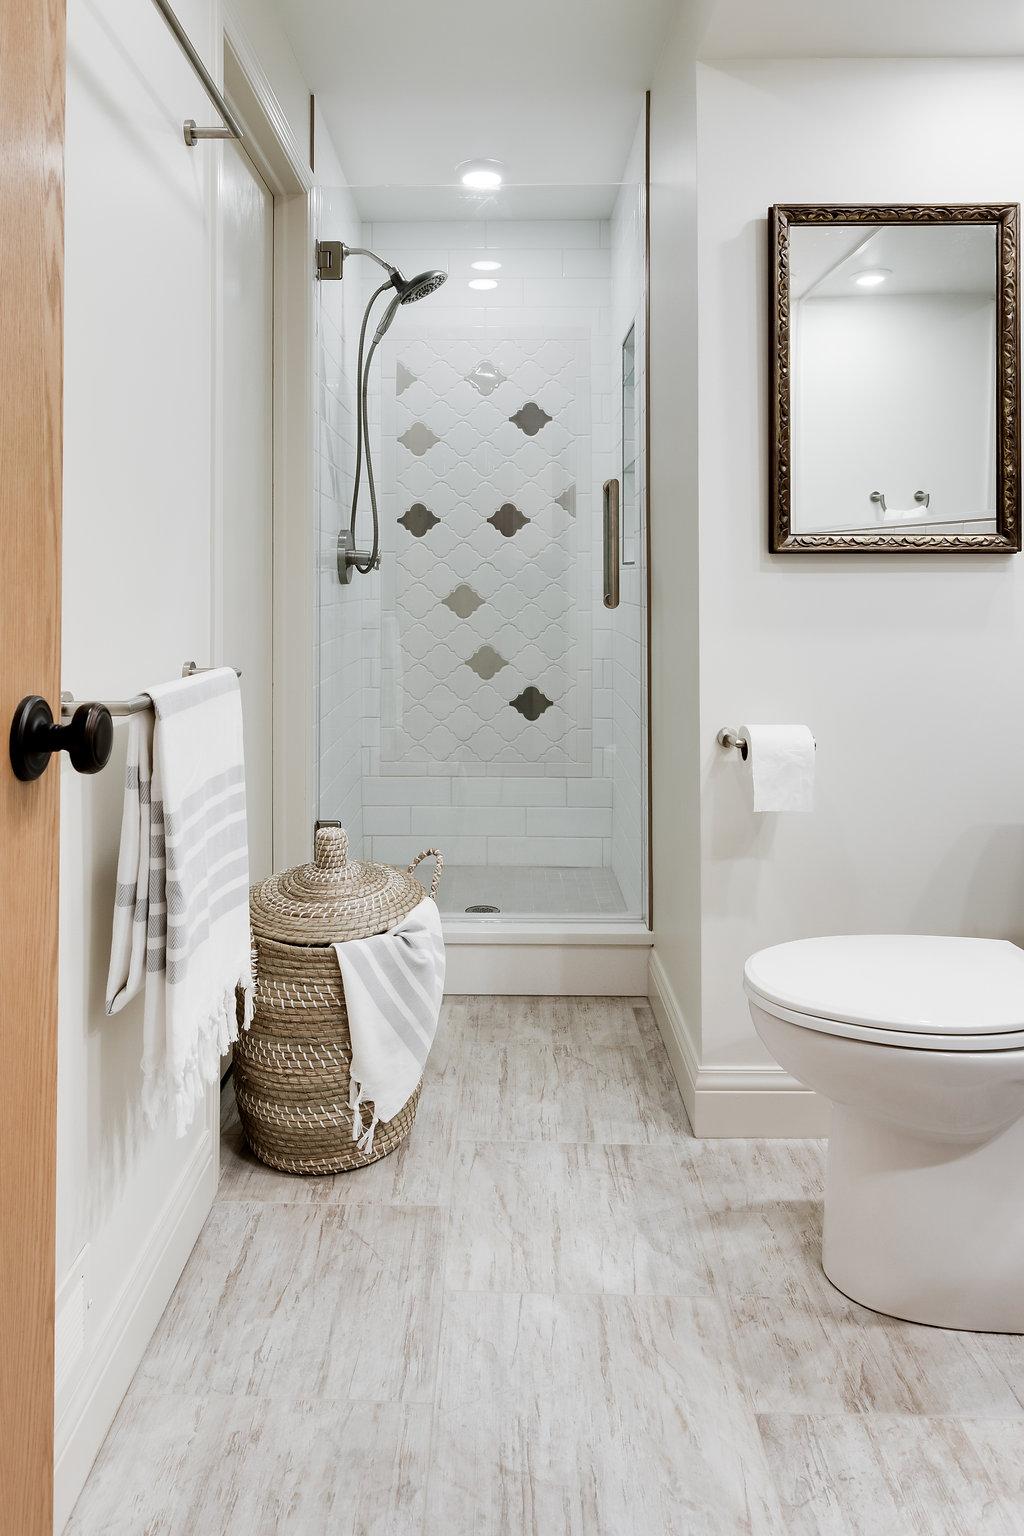 Calgary Modern Interior Design Shower Room.jpg